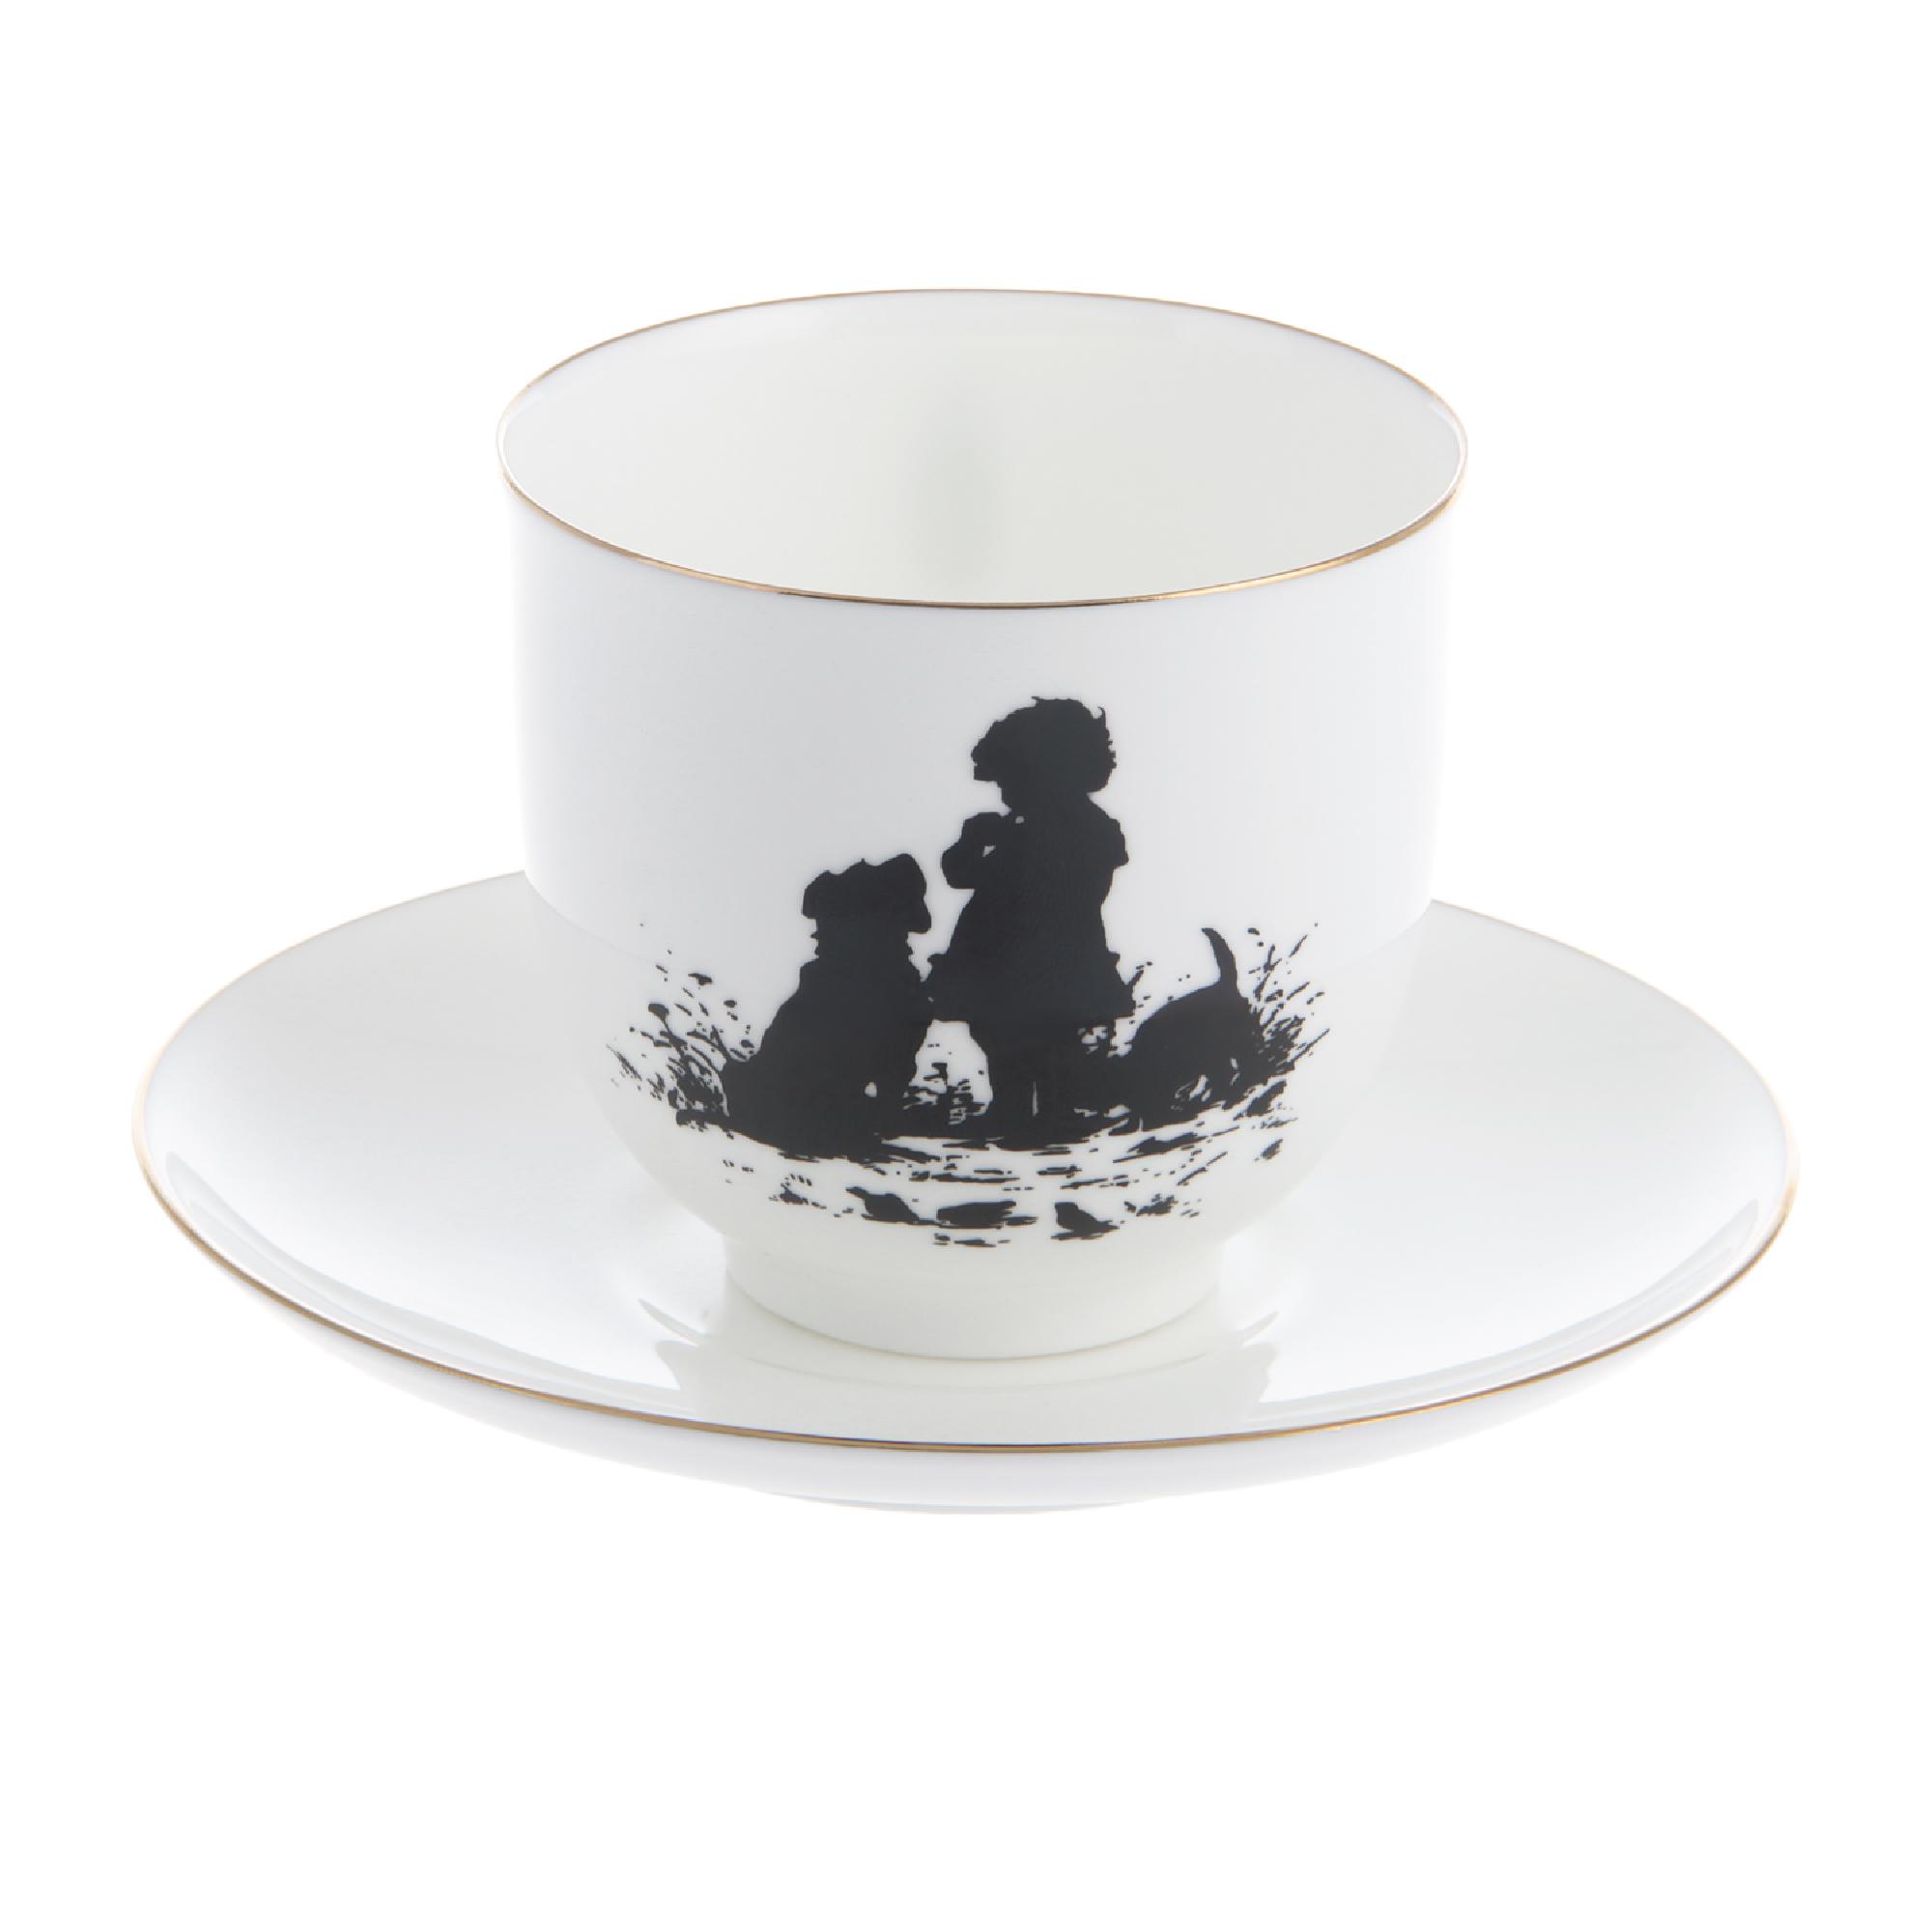 Чашка с блюдцем кофейная ИФЗ форма Ландыш Друзья 180 мл